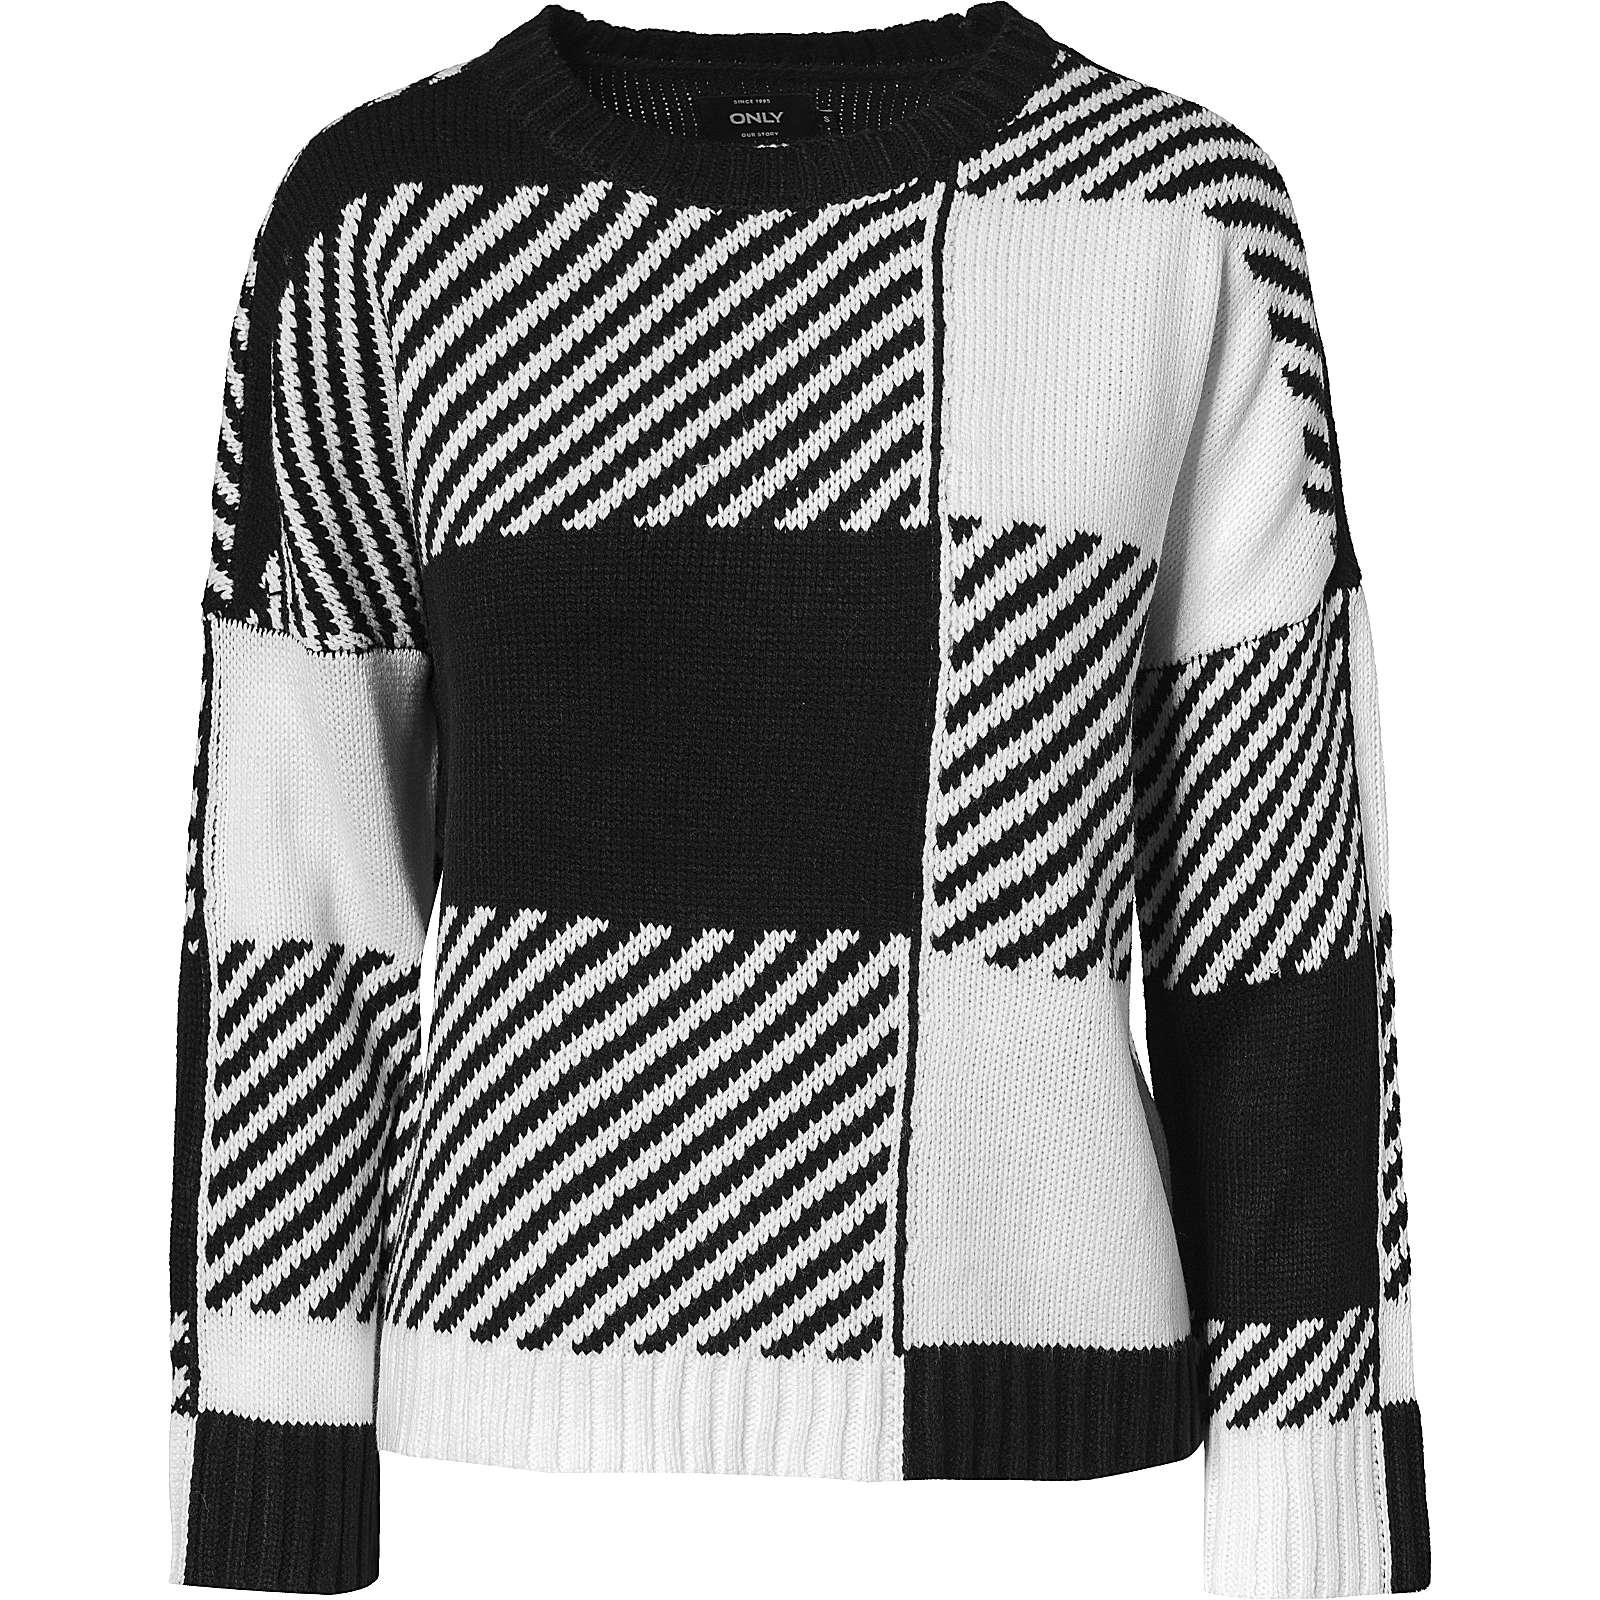 ca9af3deeb3fc7 ONLY onlKASEY L/S PULLOVER KNT - Pullover - weiblich schwarz Damen Gr. 38